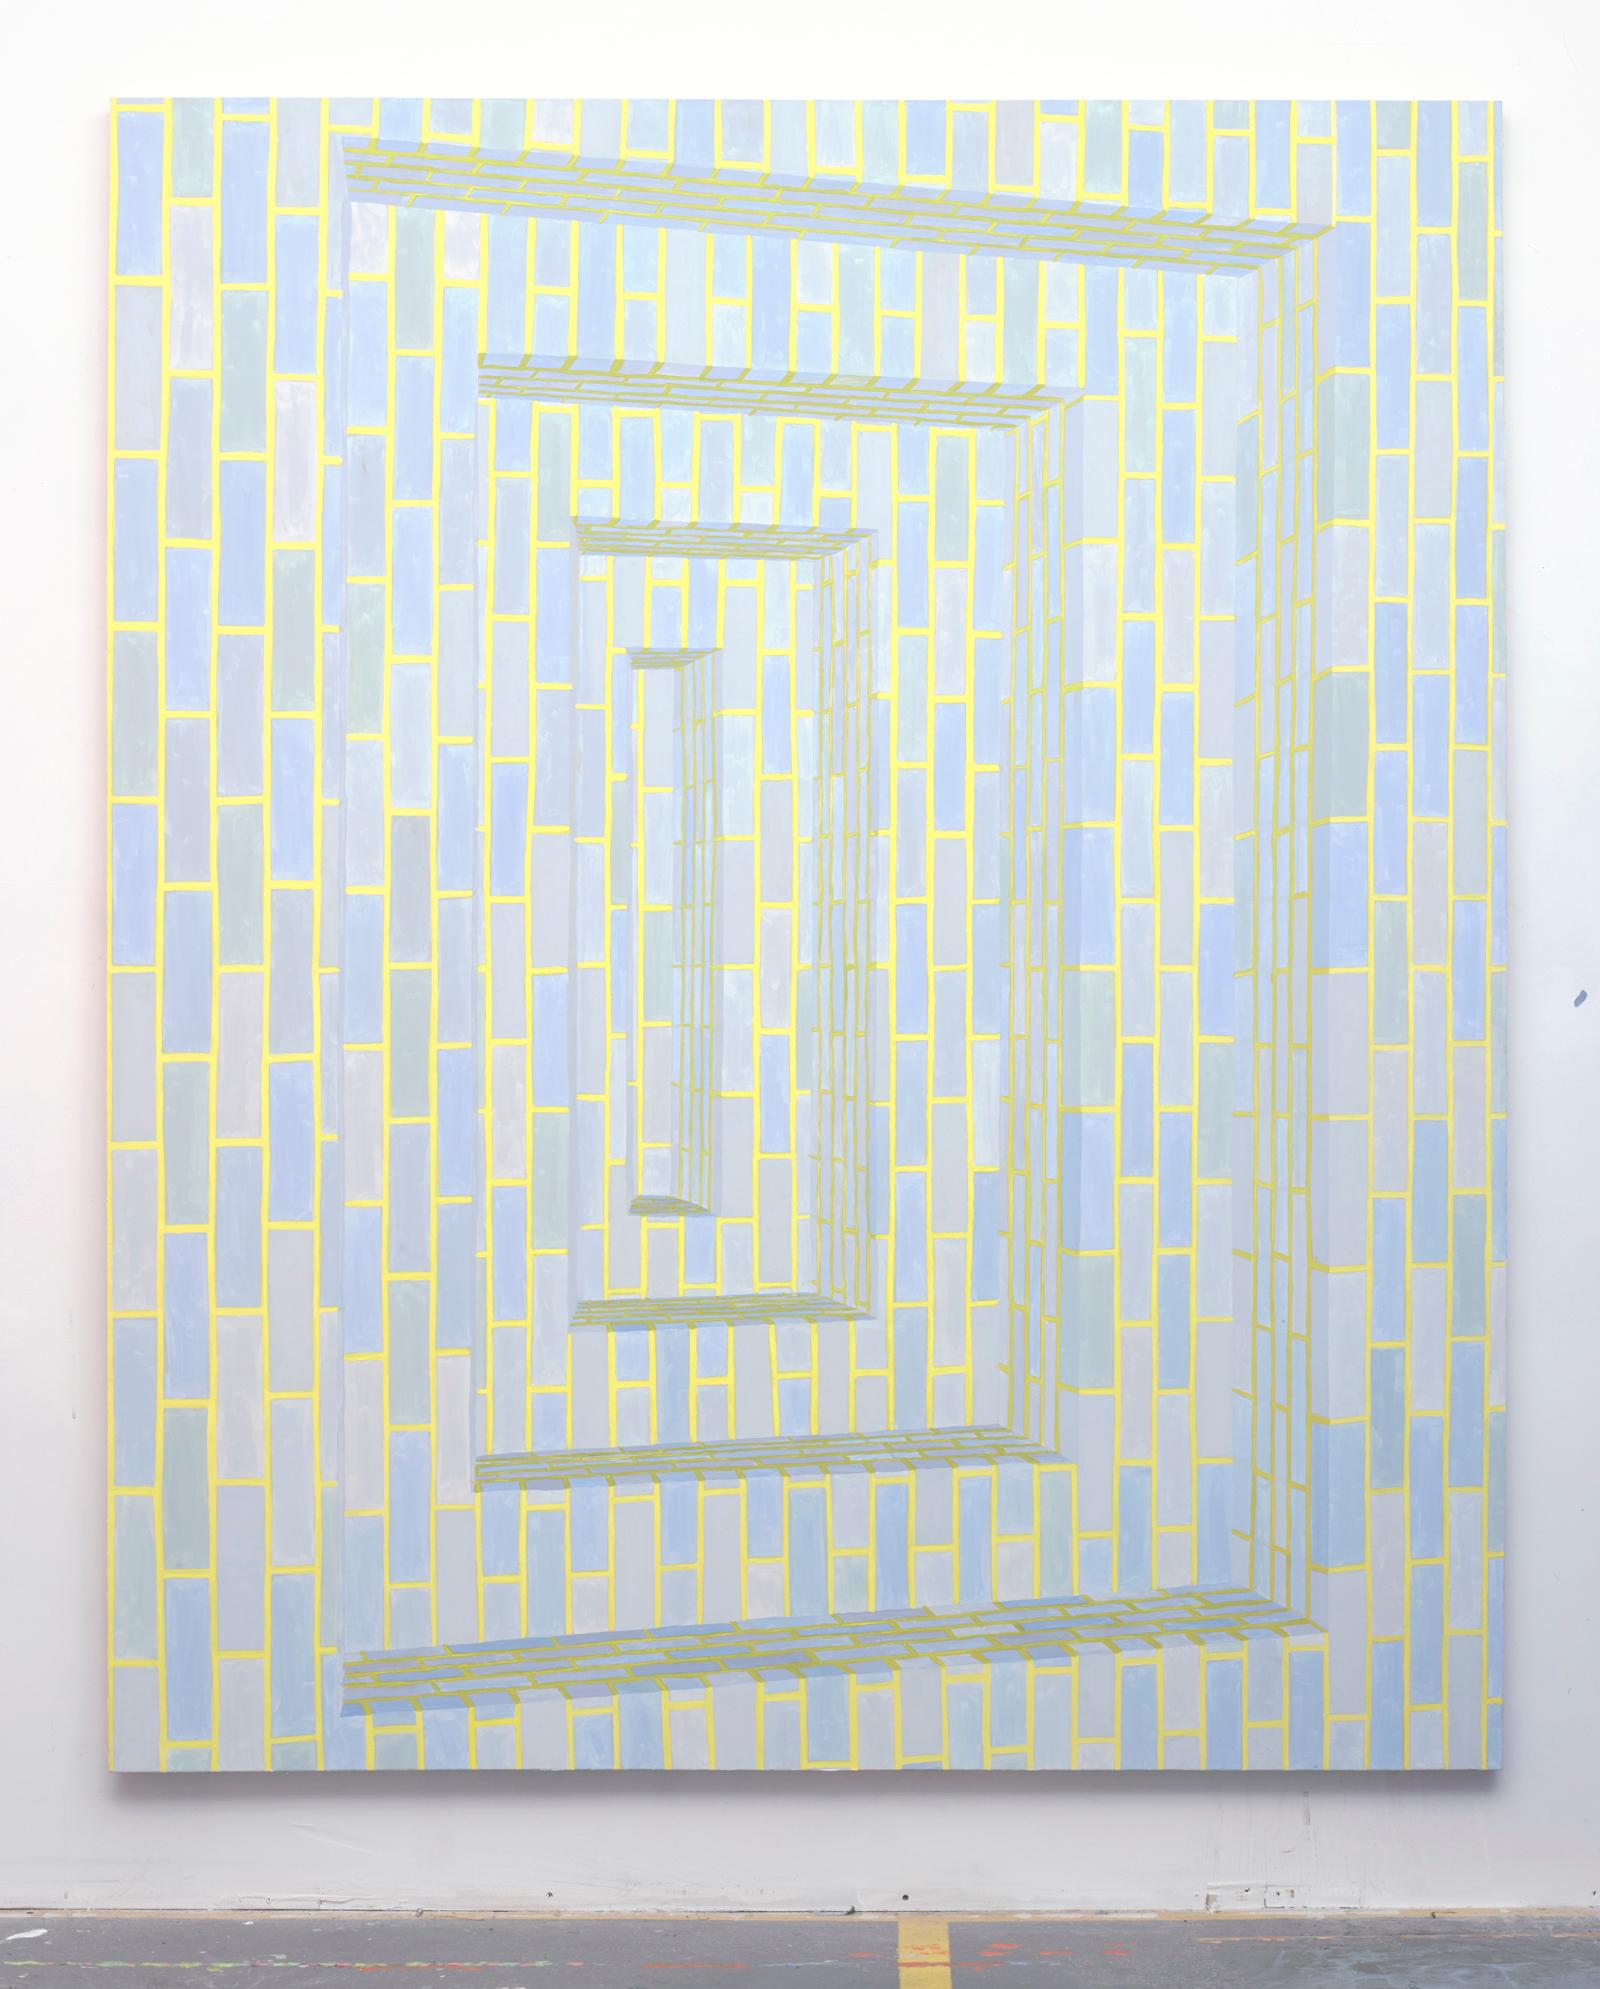 Corydon Cowansage, Hole #1, 2015, 84 x 70 inches,  acrylic on canvas